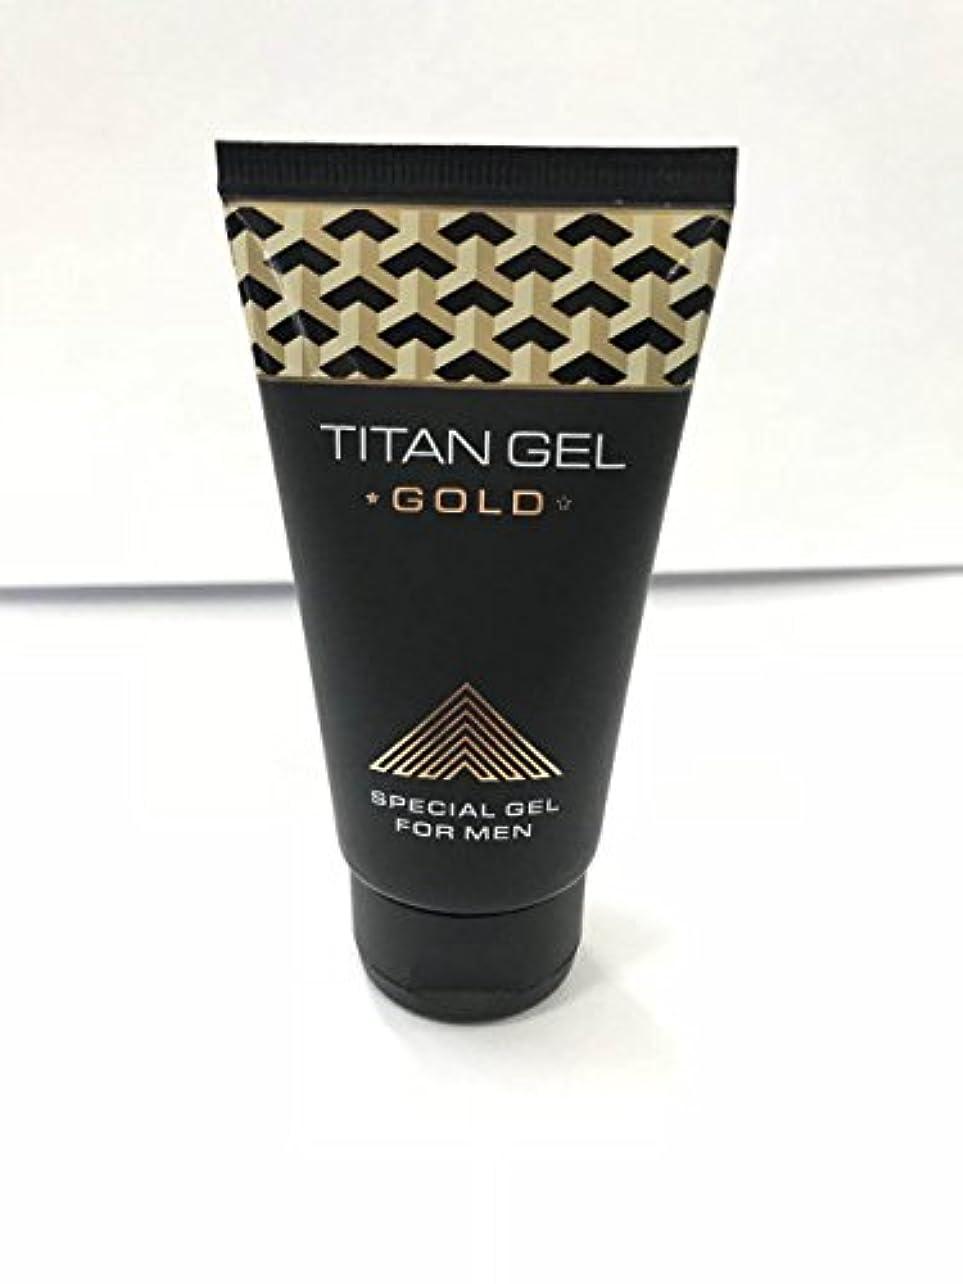 ブラウザどっちでもドルタイタンジェル ゴールド Titan gel Gold 50ml 4箱セット 日本語説明付き [並行輸入品]